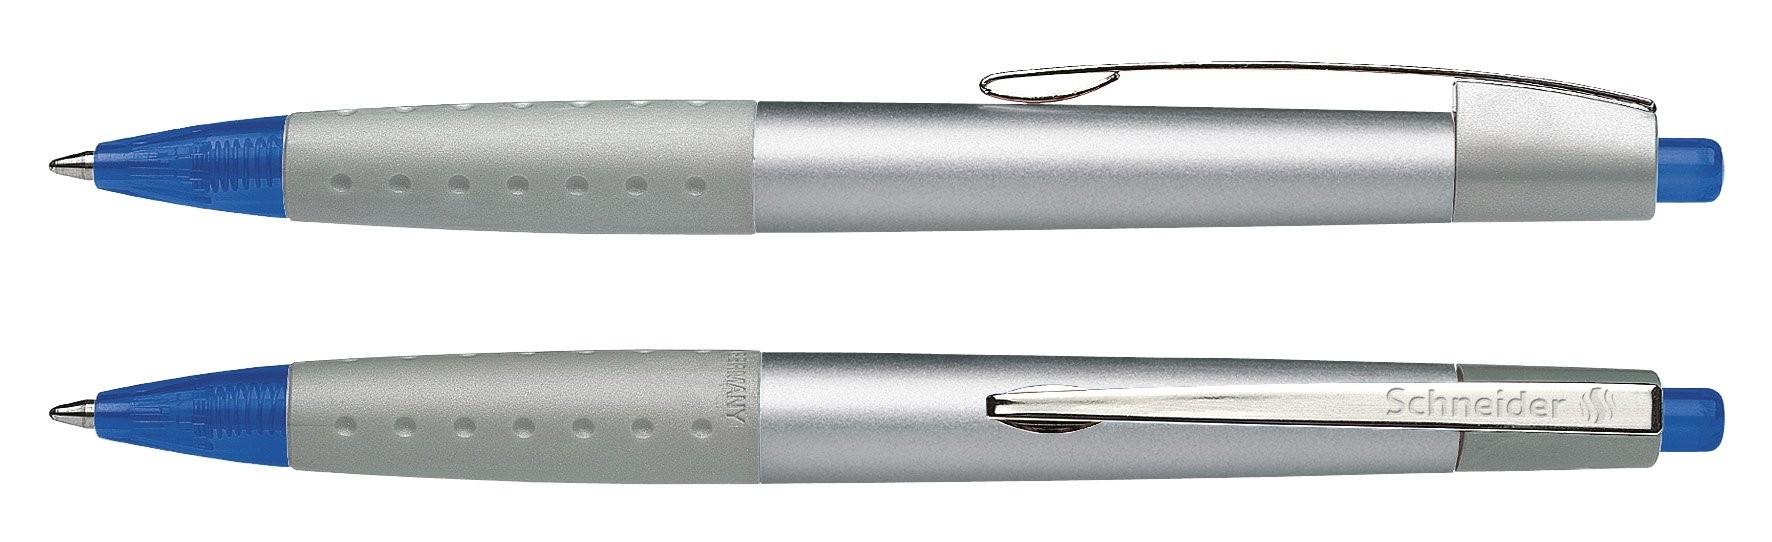 Kugelschreiber Loox Metal